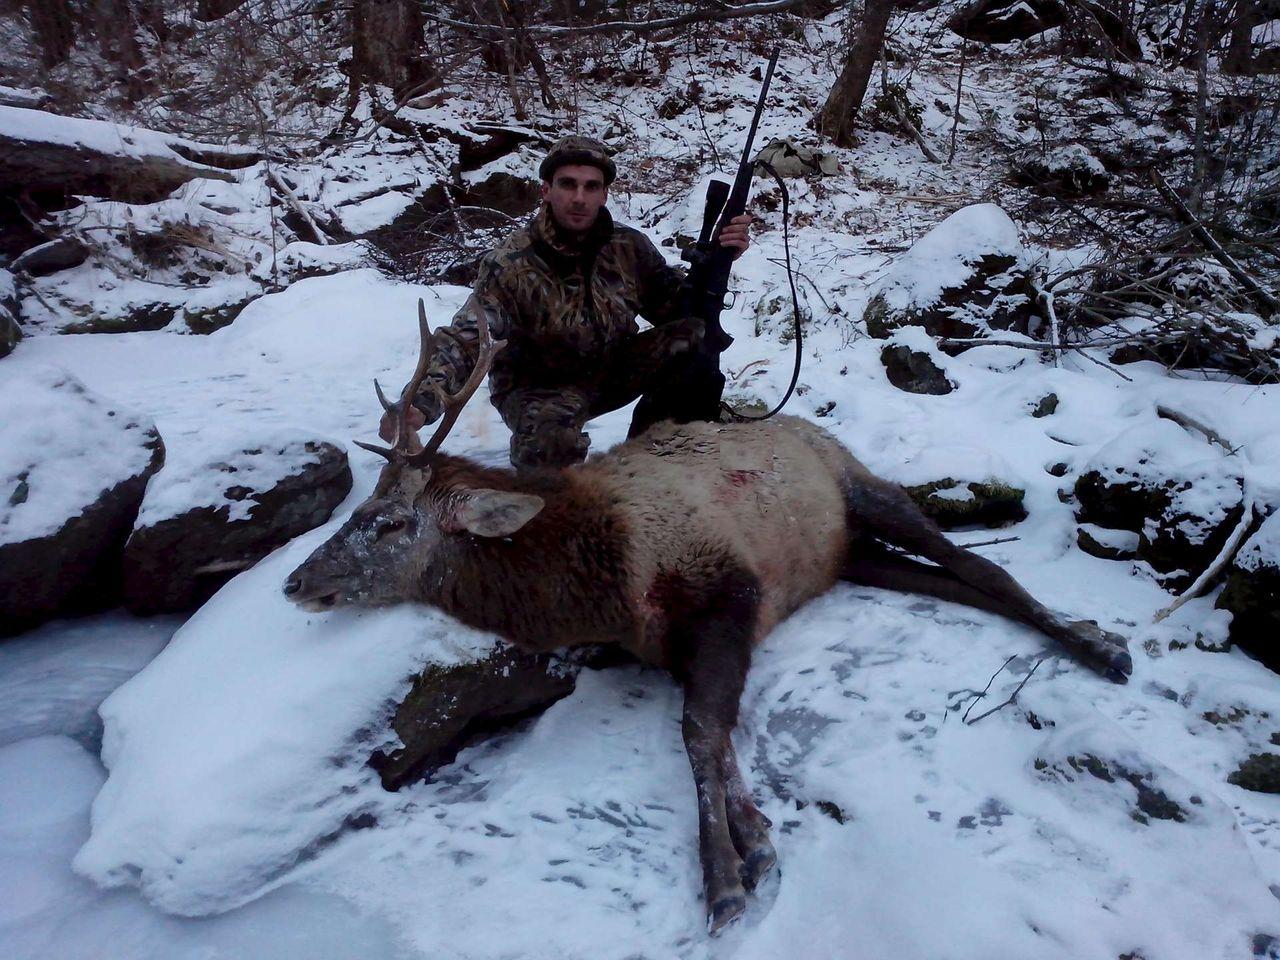 Охота на оленя andy kruglov 5 лет назад.